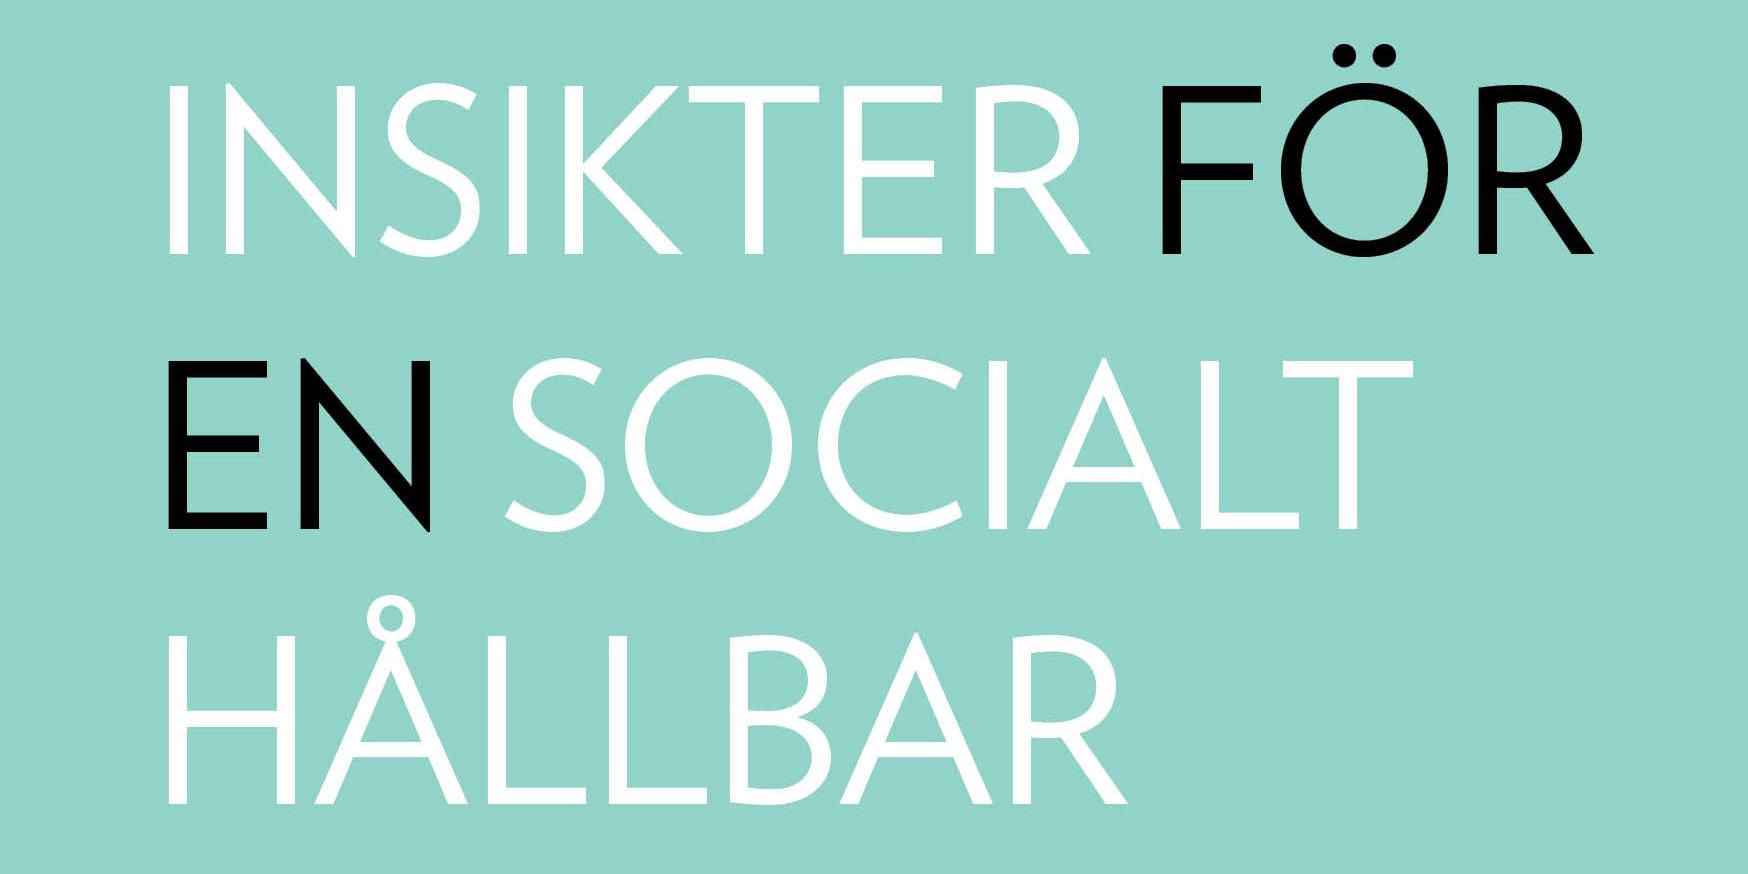 12-insikter-för-en-socialt-hållbar-planering_160620-web